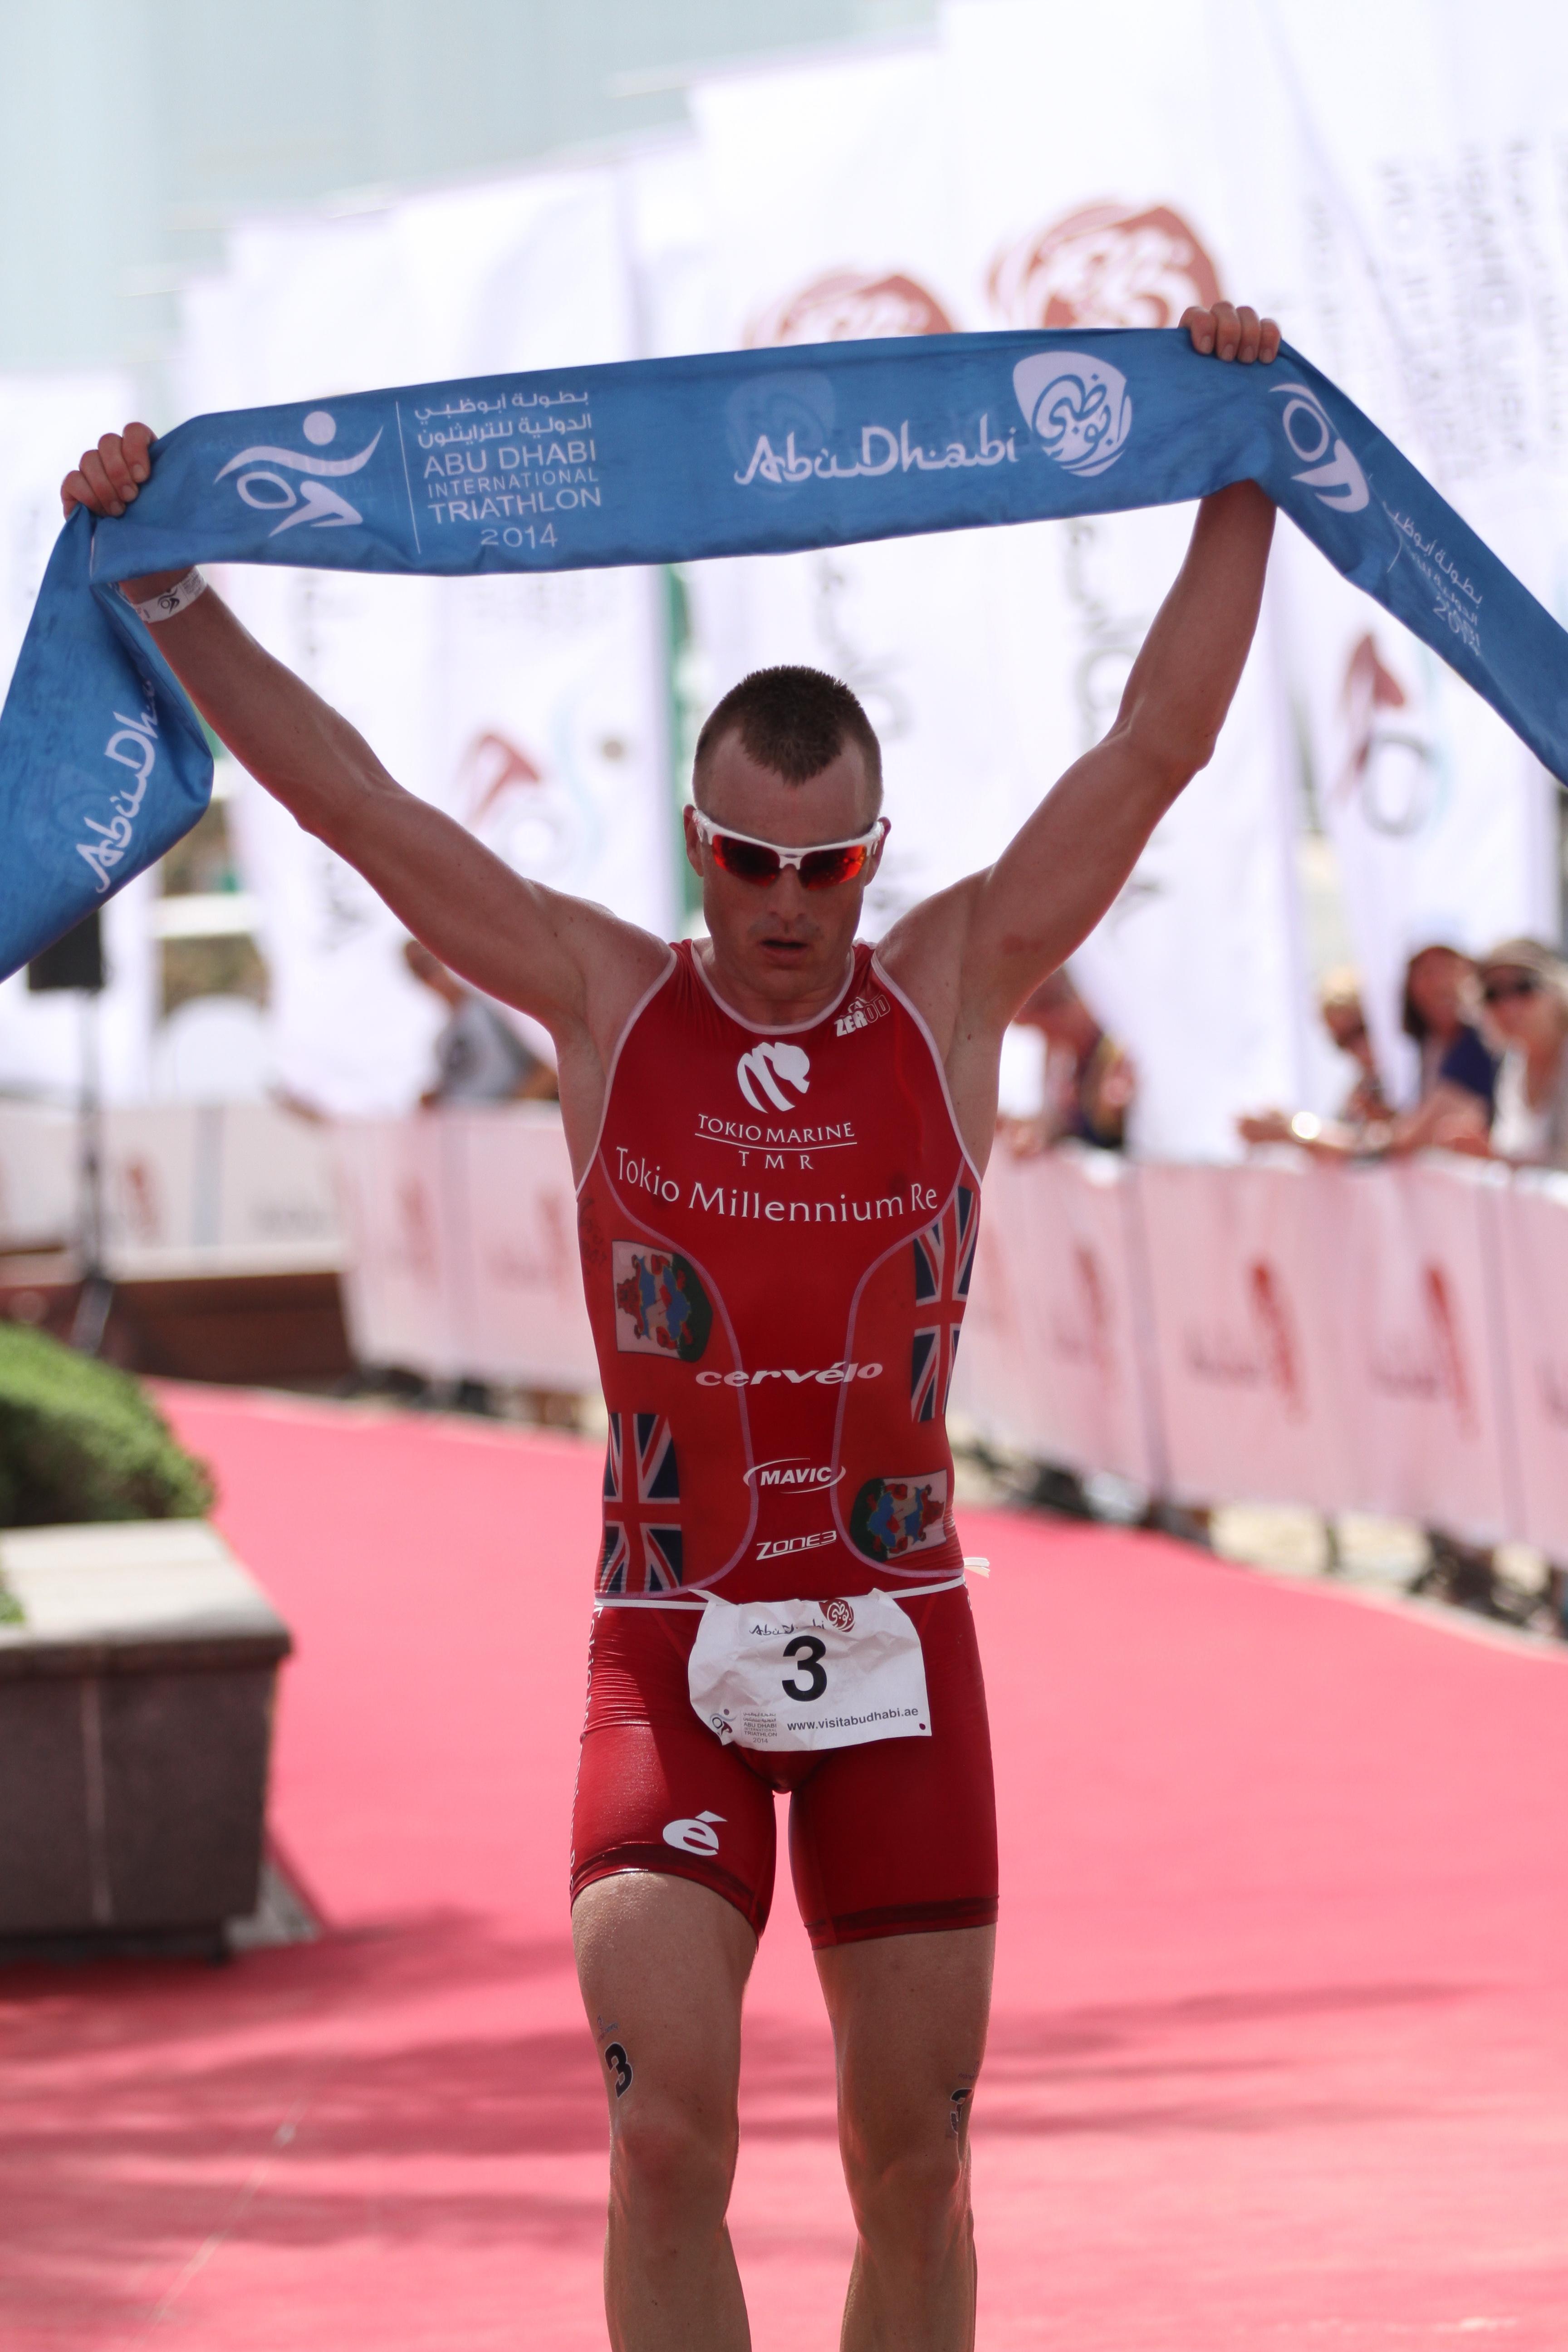 Abu Dhabi Triathlon: premières images de 2014